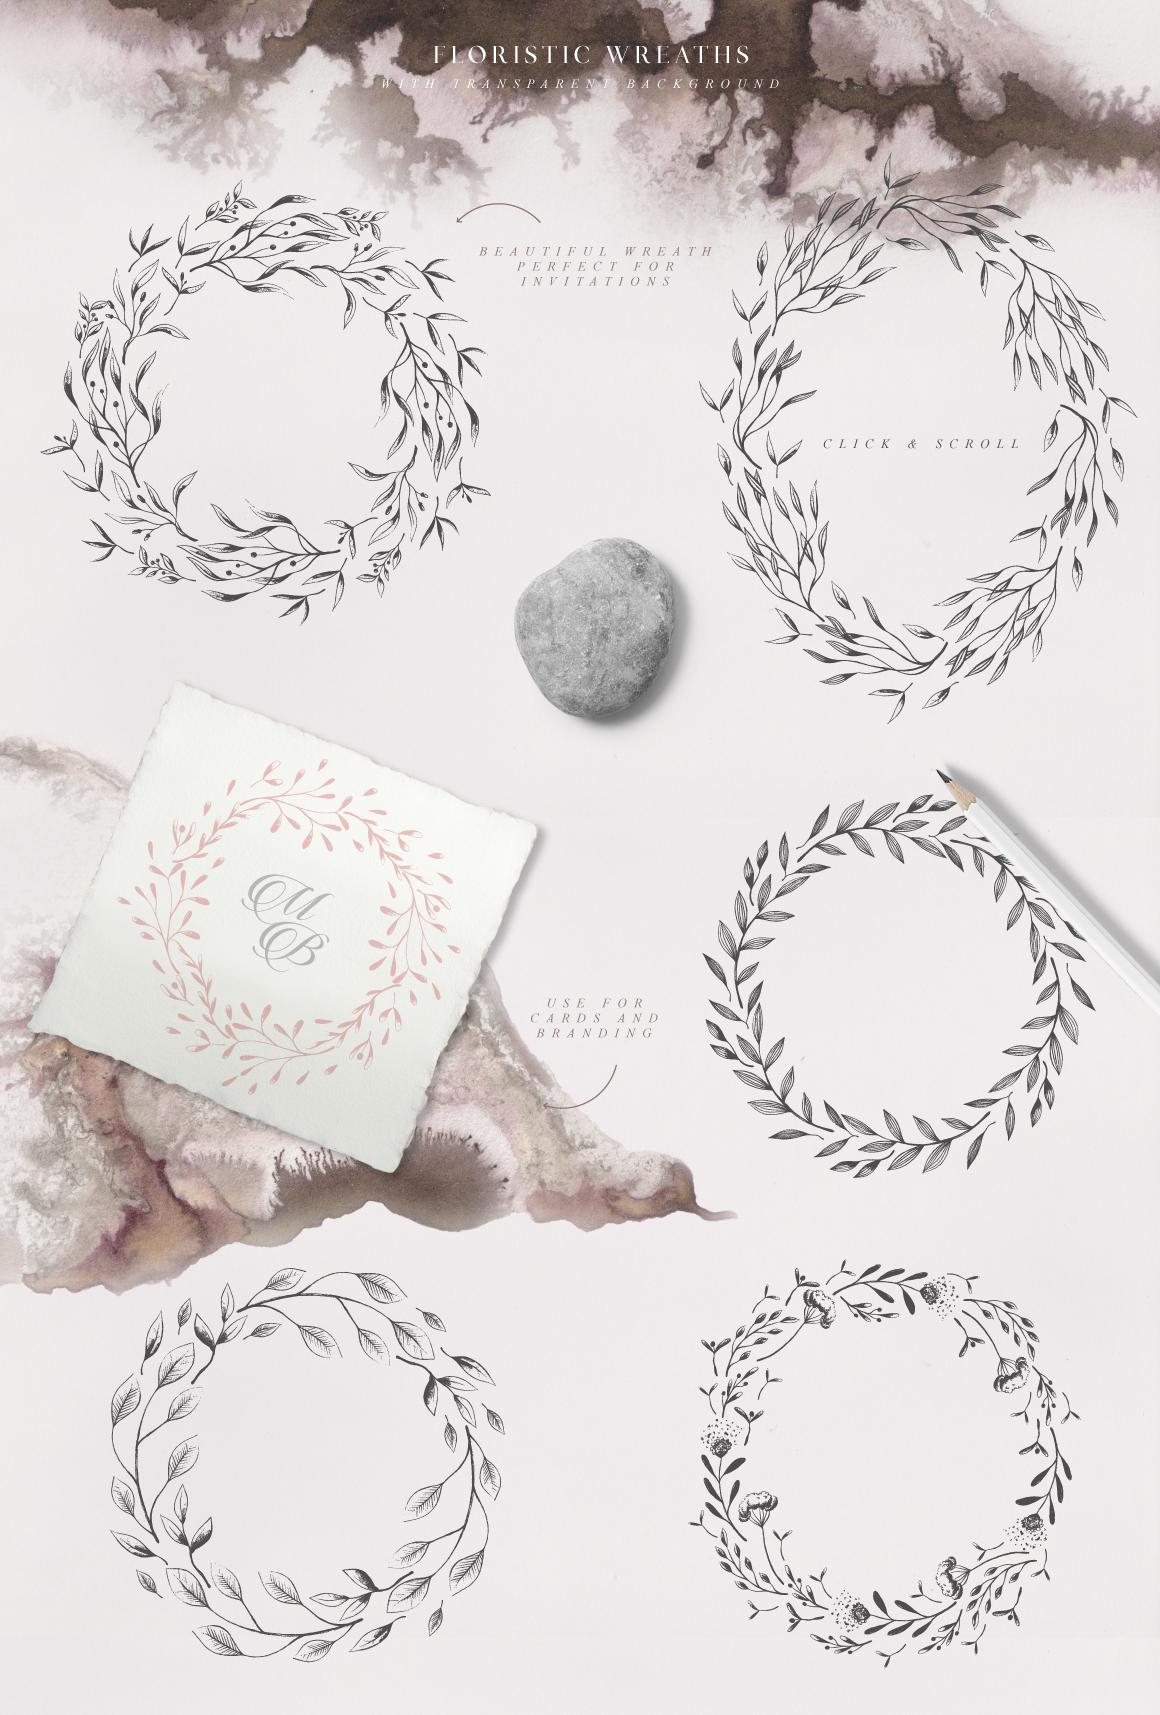 优美手绘水彩花卉树叶&水墨水彩背景素材 Magic Ombre插图(3)